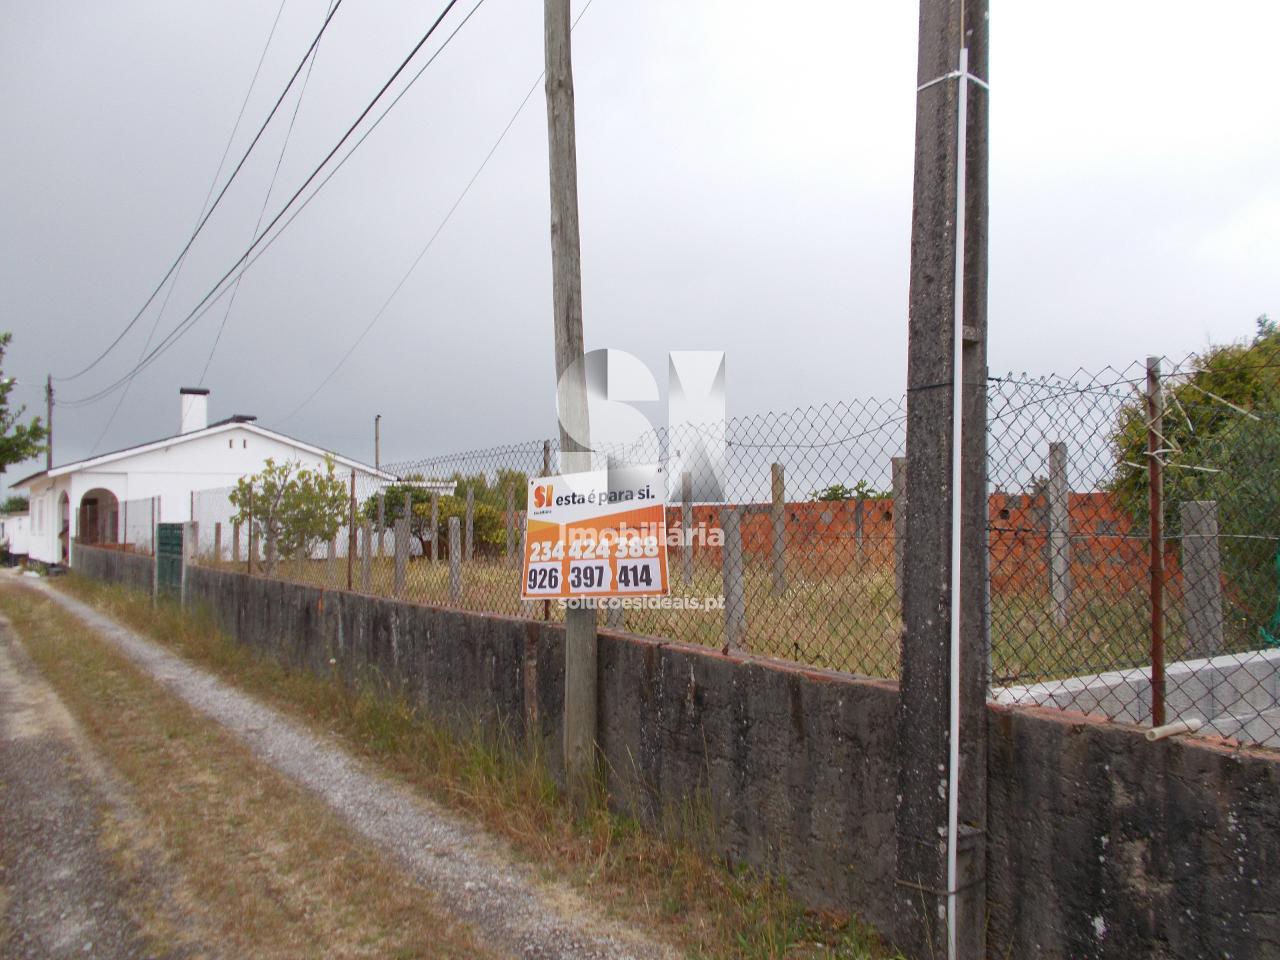 terreno para compra em ilhavo gafanha da encarnacao AVGDG1858